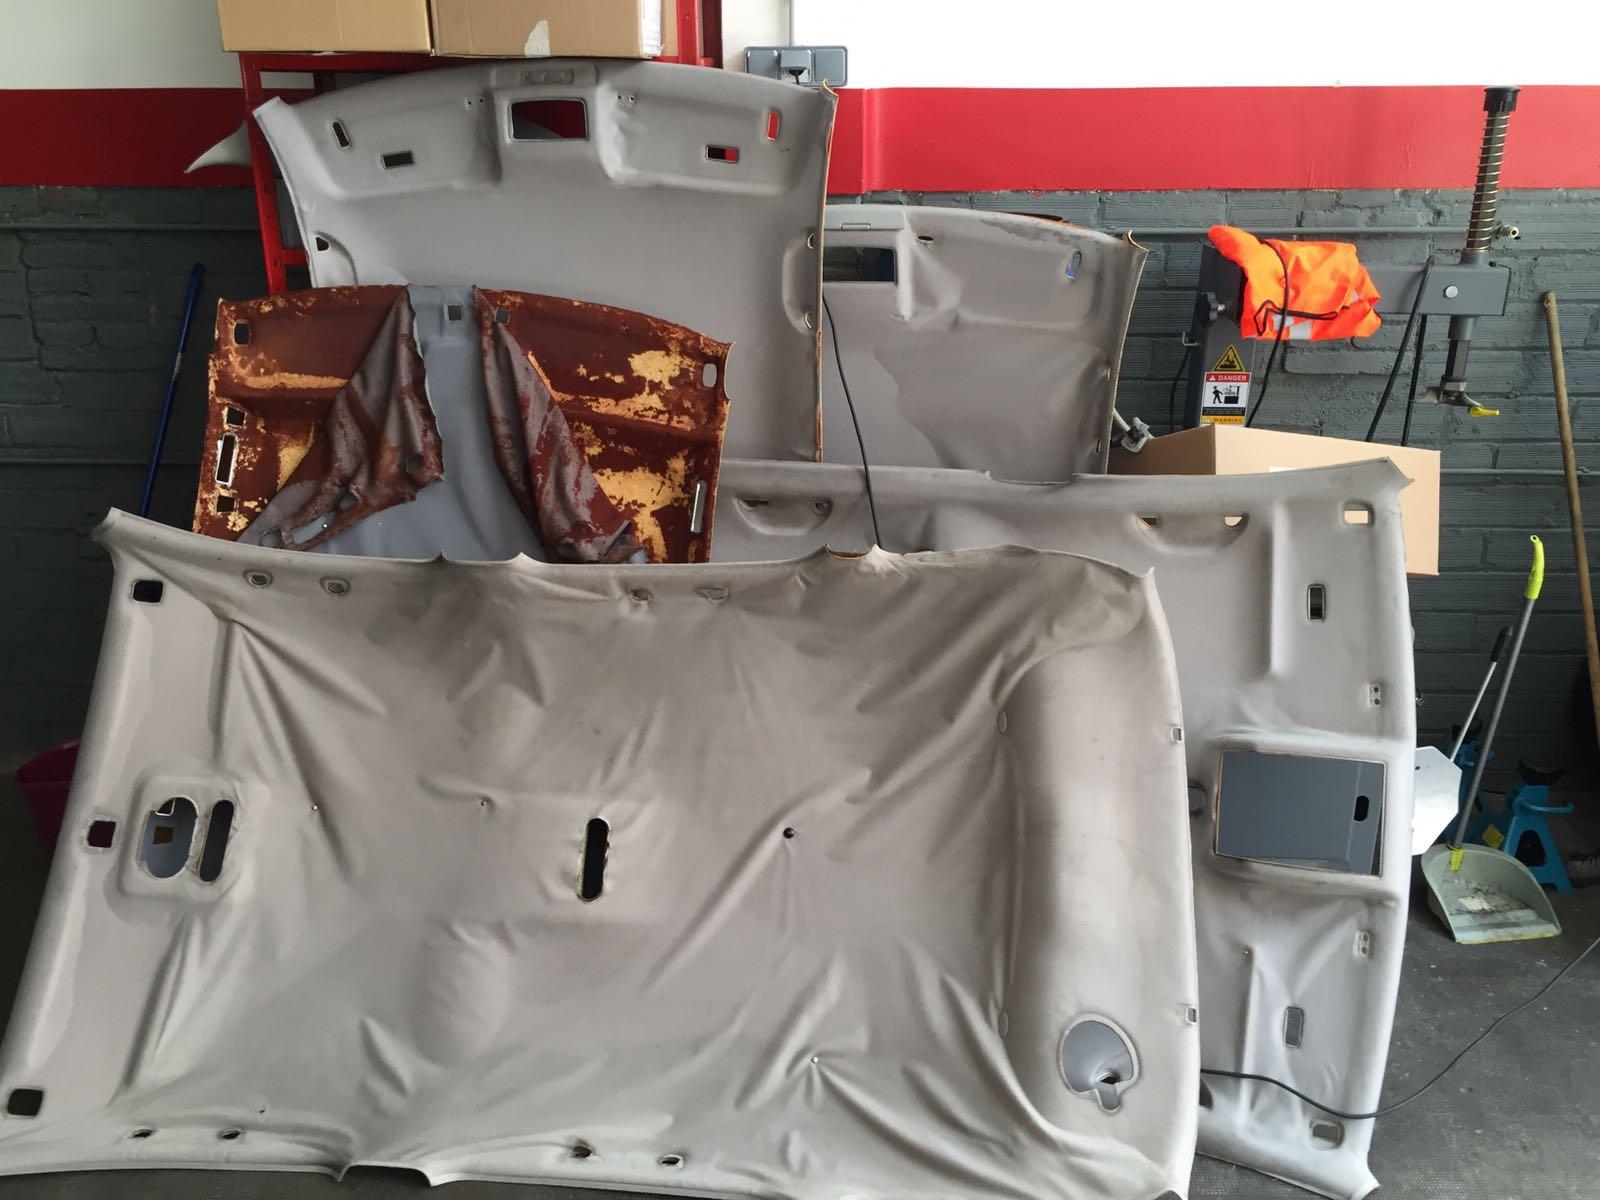 Arreglar techo ca do del coche novedades pro service - Tela para tapizar techo coche ...